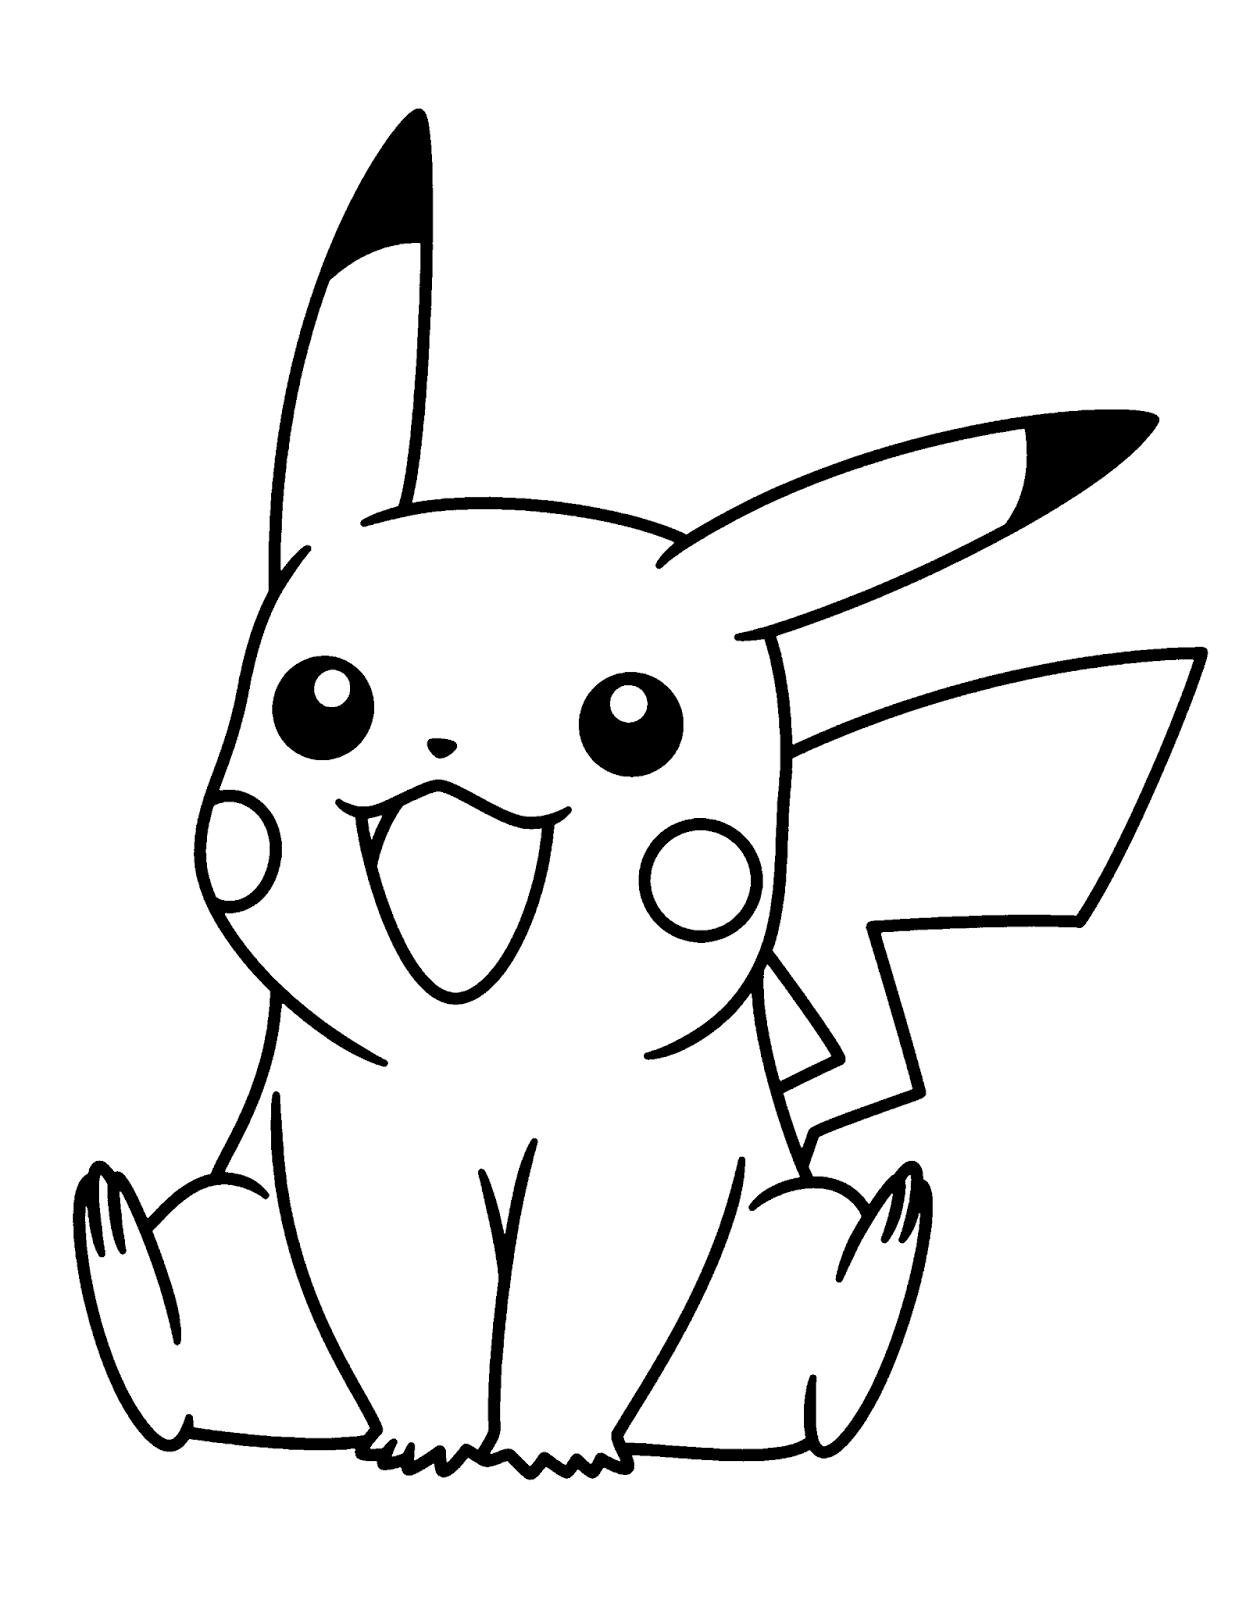 pokemon coloring page pokemon coloring pages page coloring pokemon